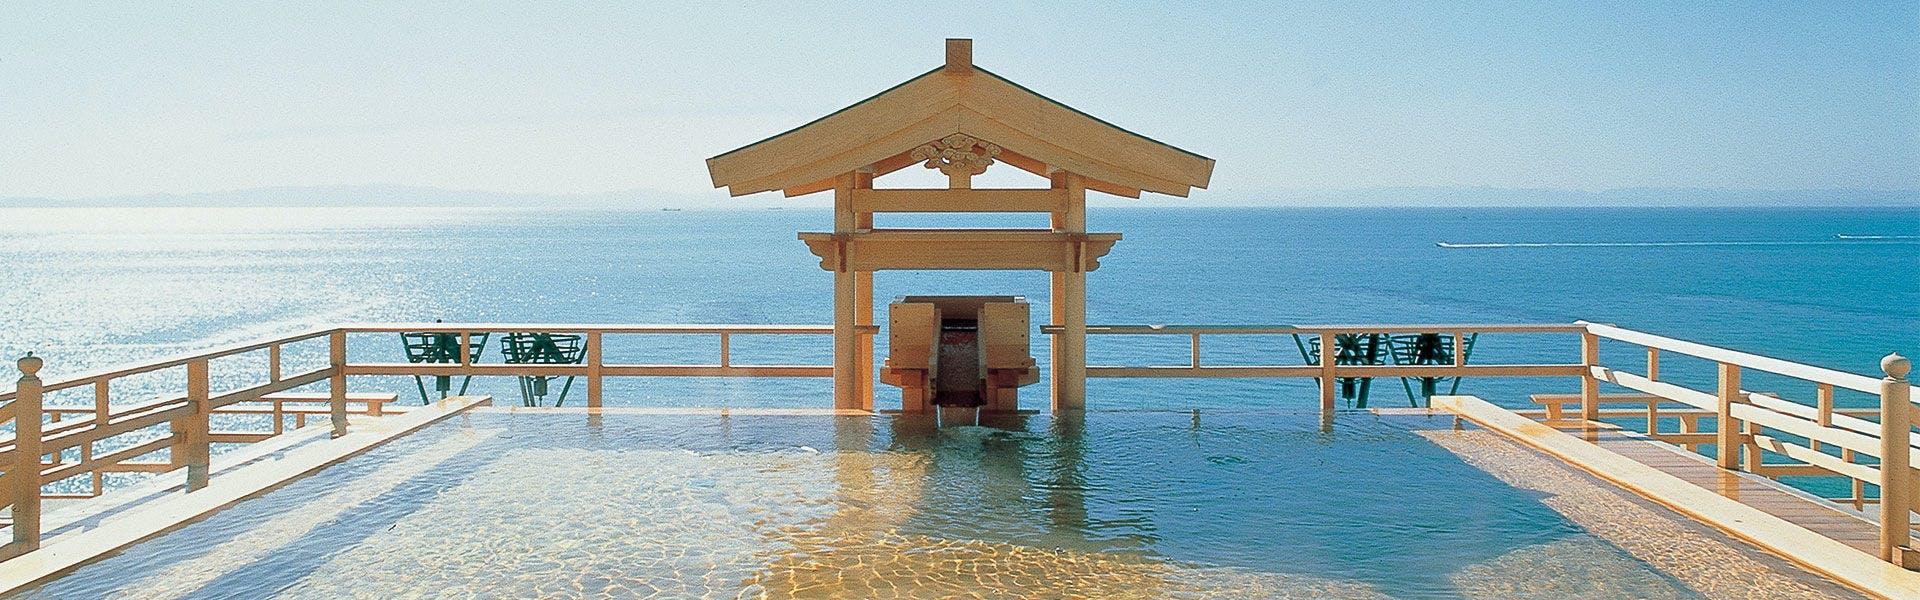 記念日におすすめのホテル・【肅 海風】の写真1